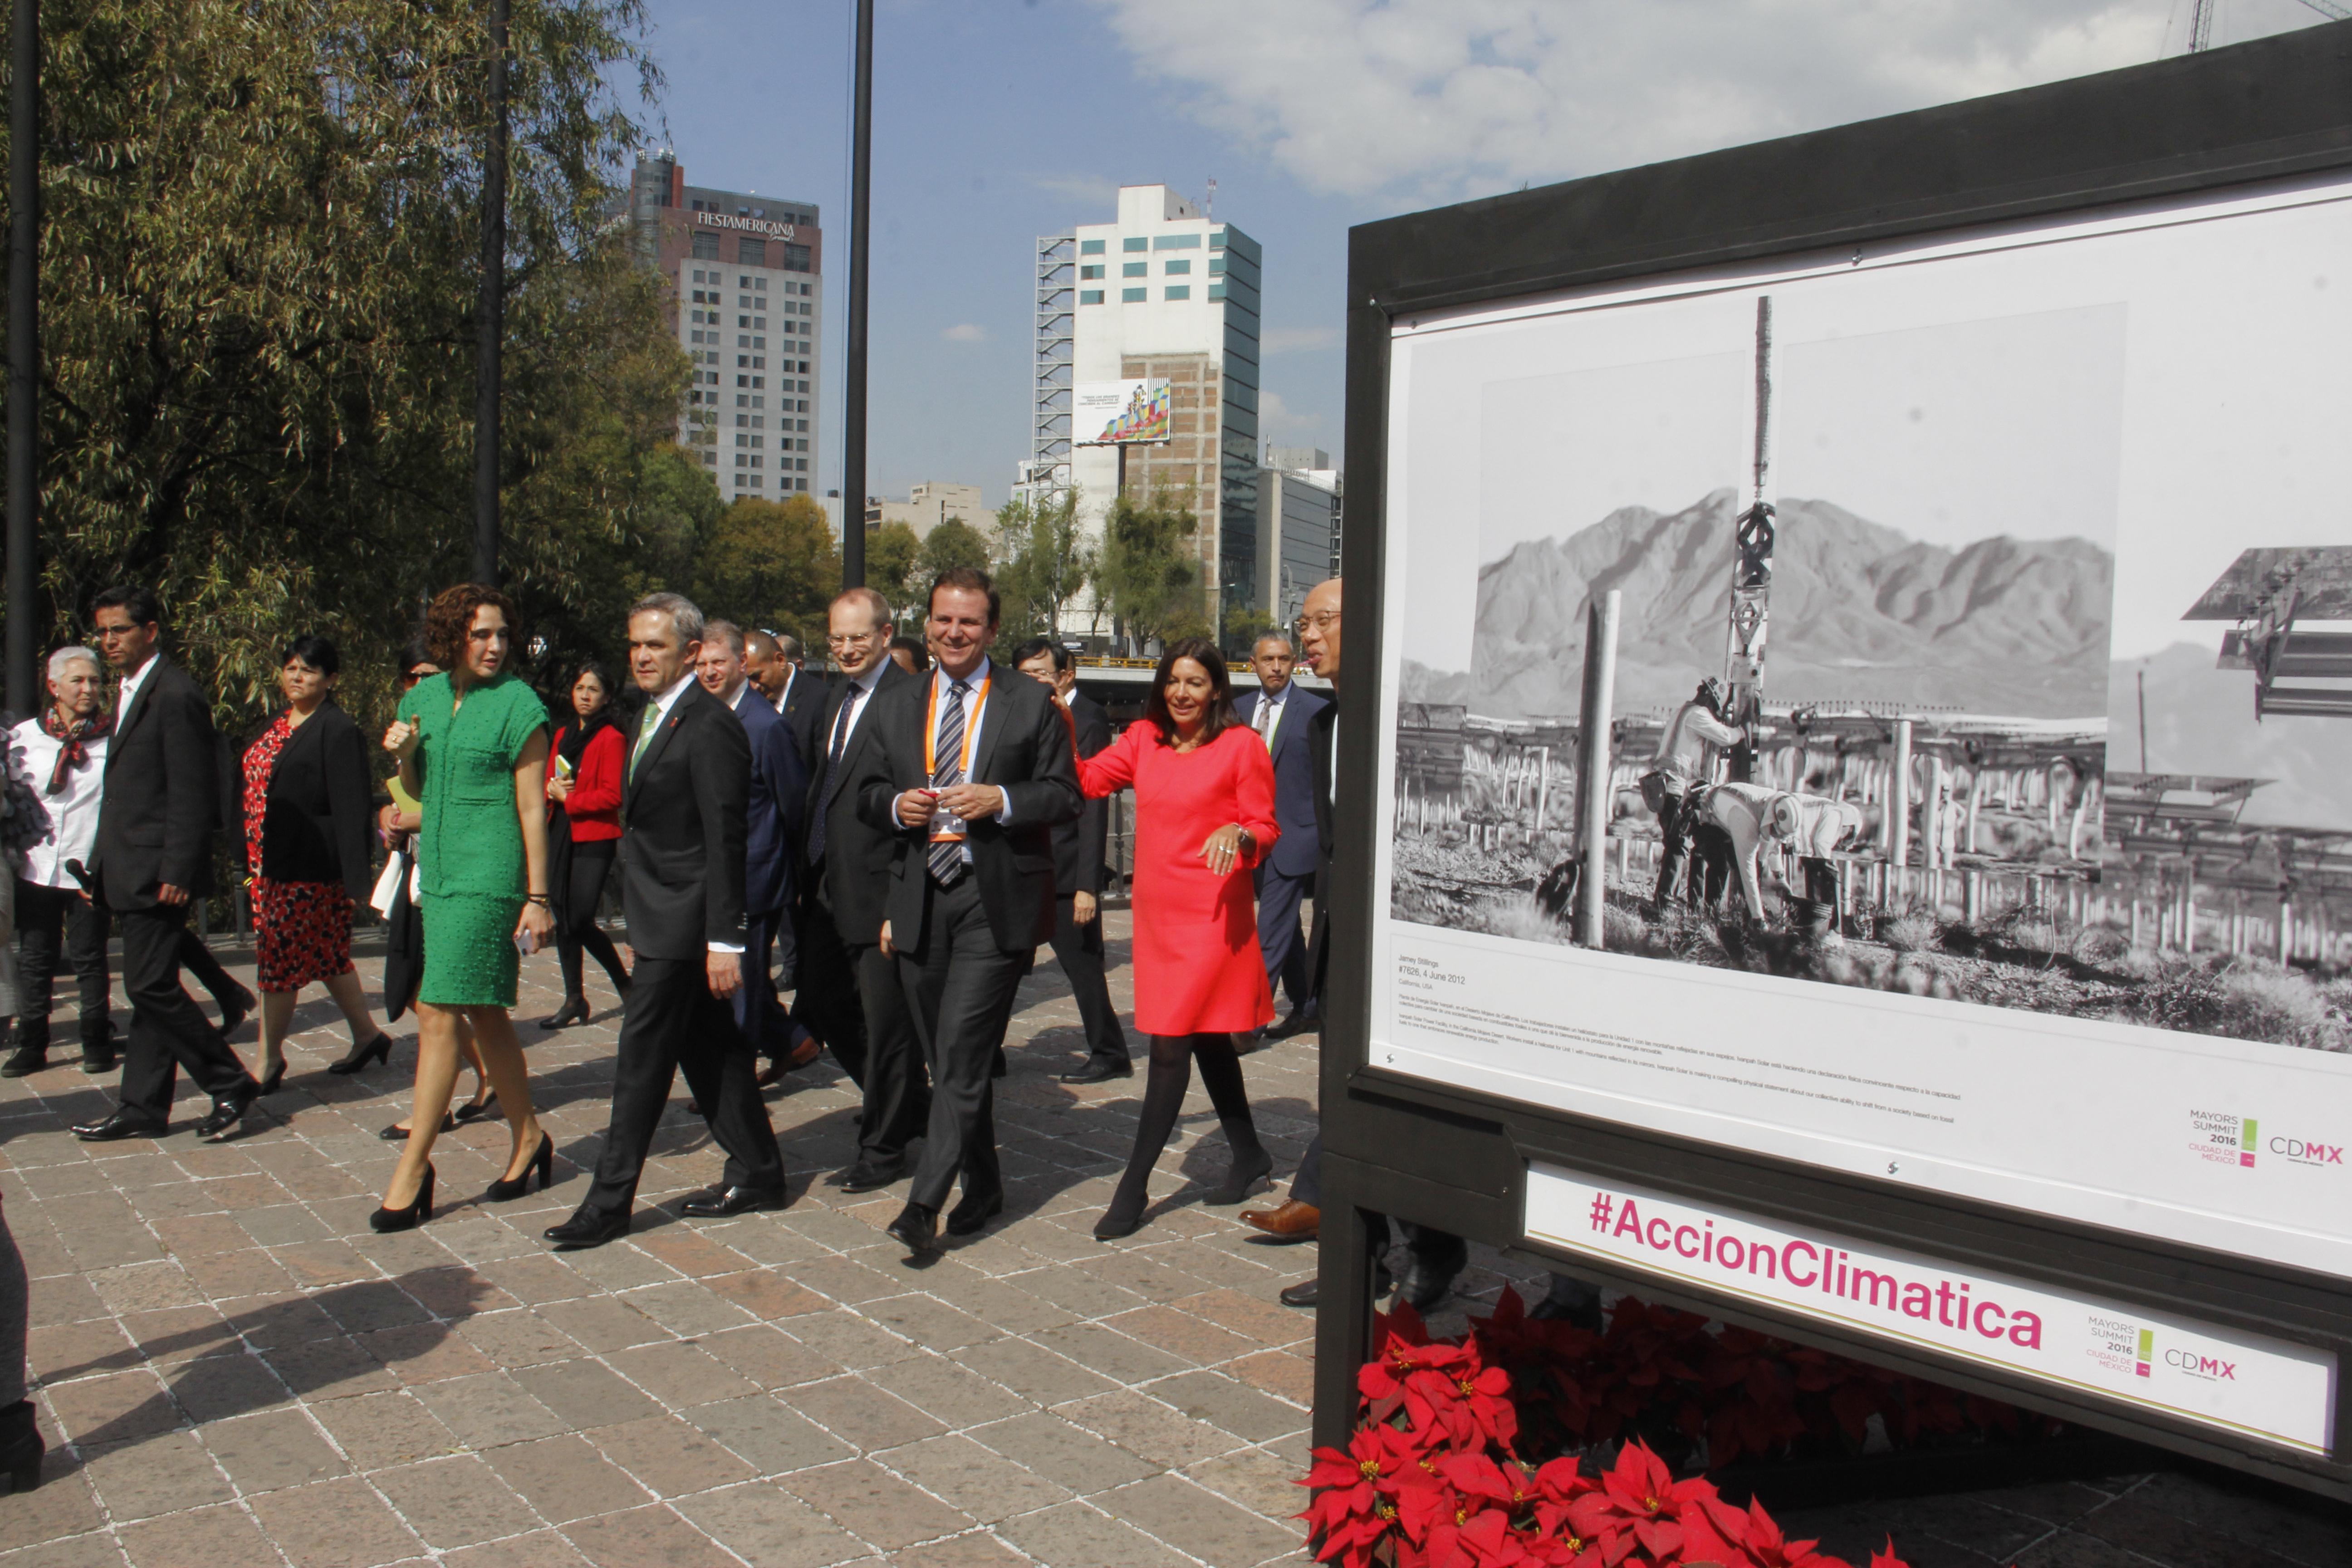 Efectos del cambio climático se exponen en Chapultepec